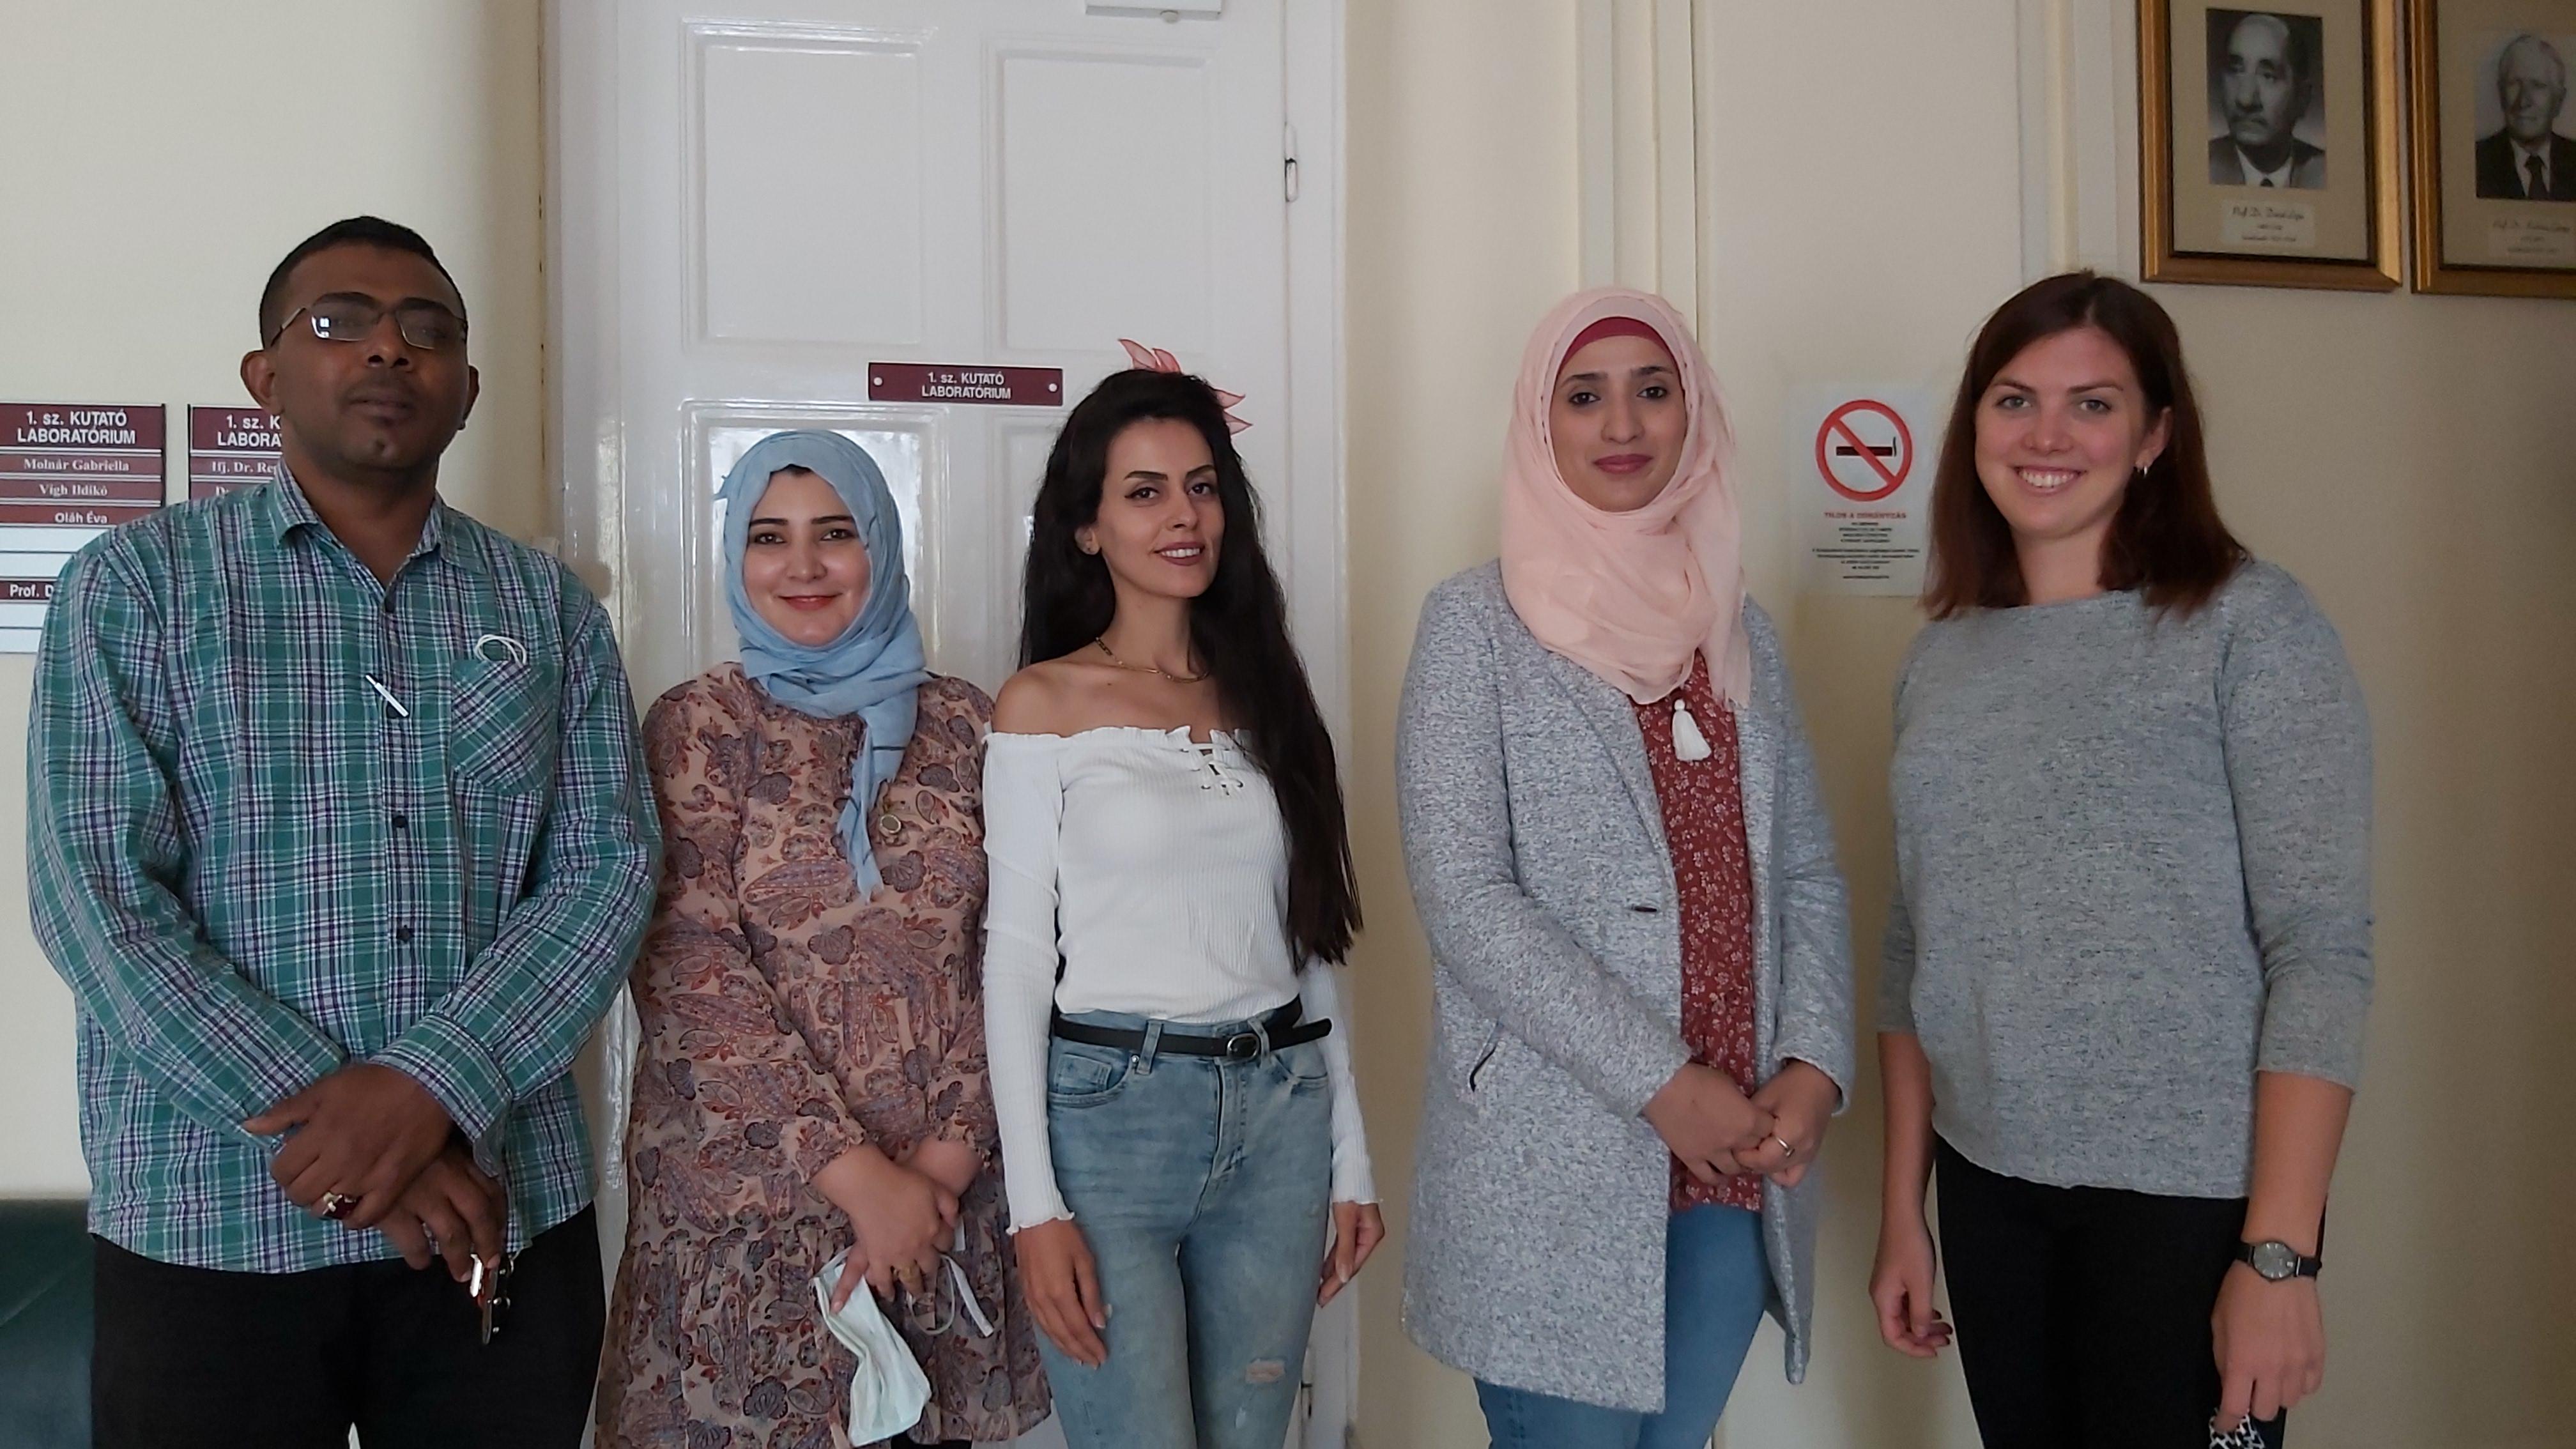 Eredményes gyógyszerészhallgatók a EUGLOH konferencián